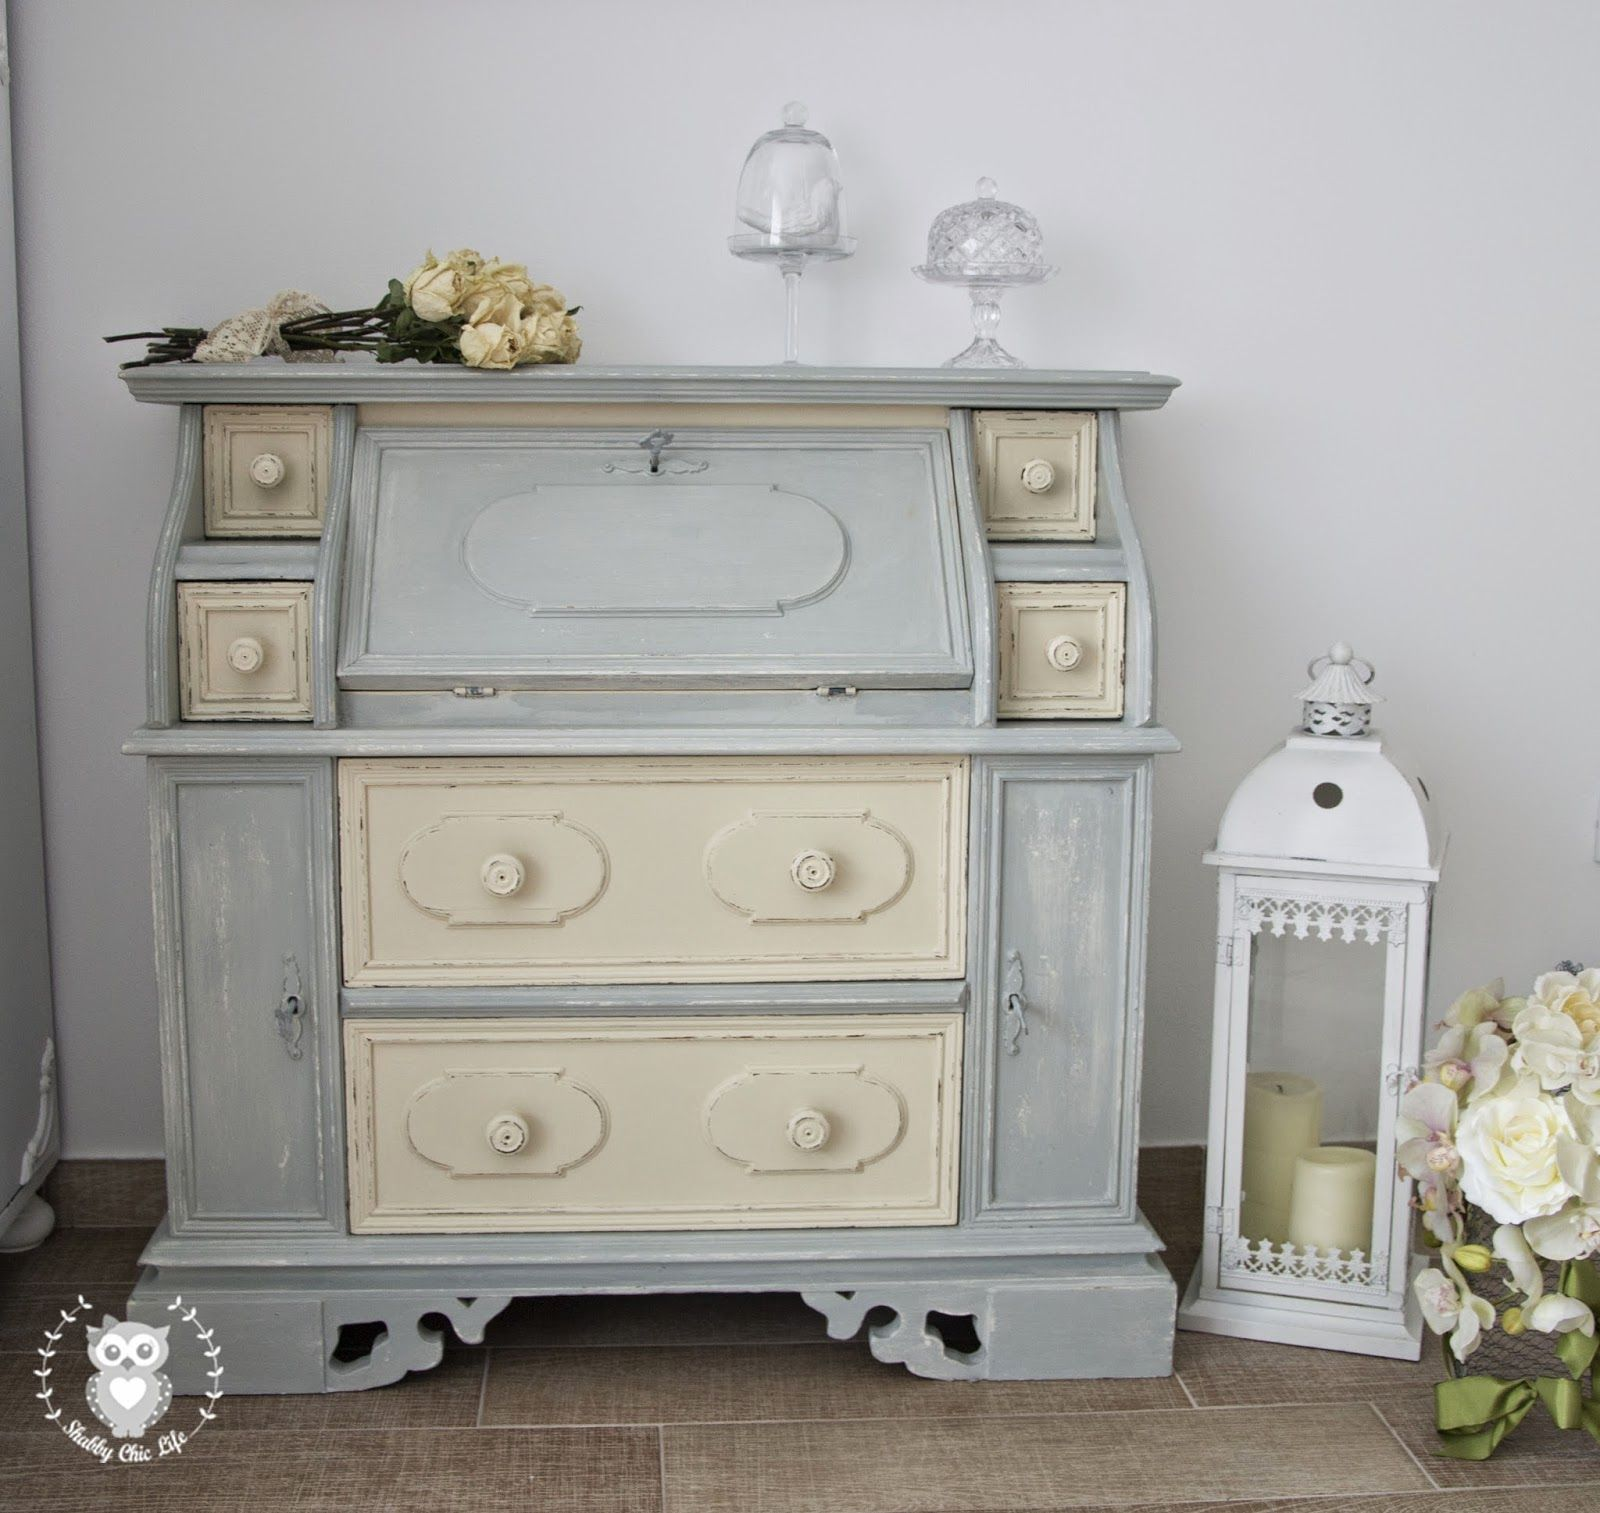 come trasformare i mobili con la tecnica shabby chic e la chalk ... - Arredamento Country Chic Online